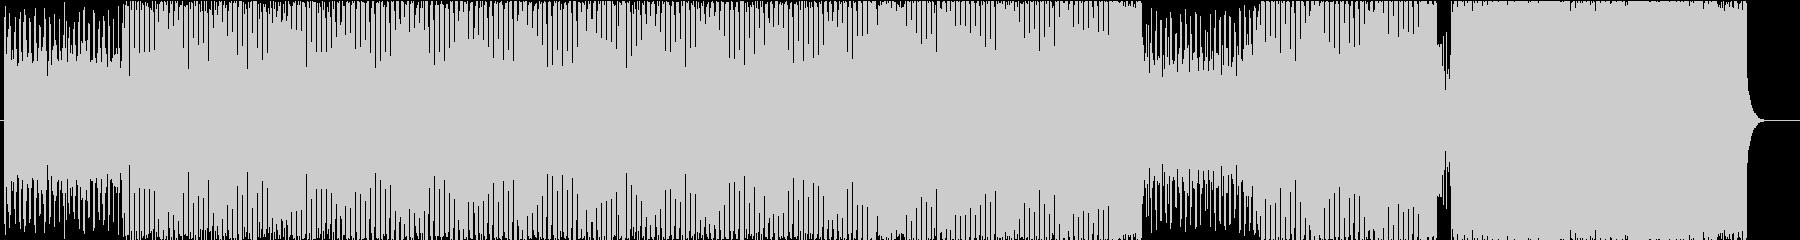 賑やかなテクノ調な曲の未再生の波形